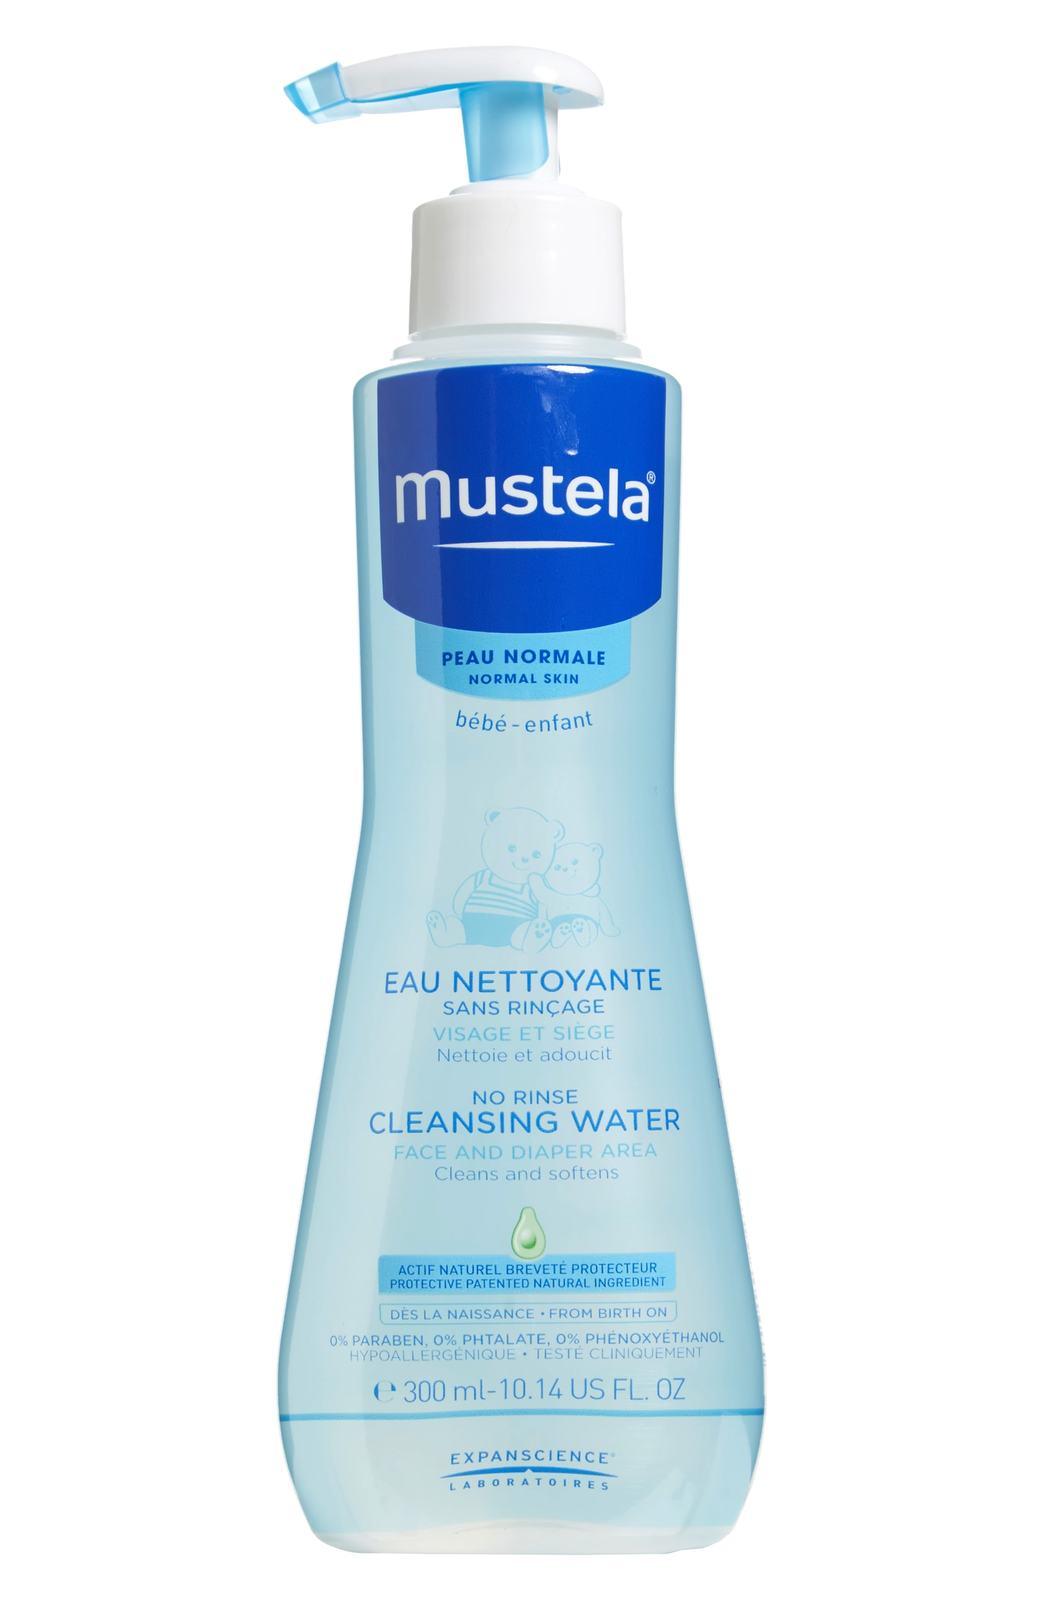 Mustela: No Rinse Cleansing Water (300ml) image